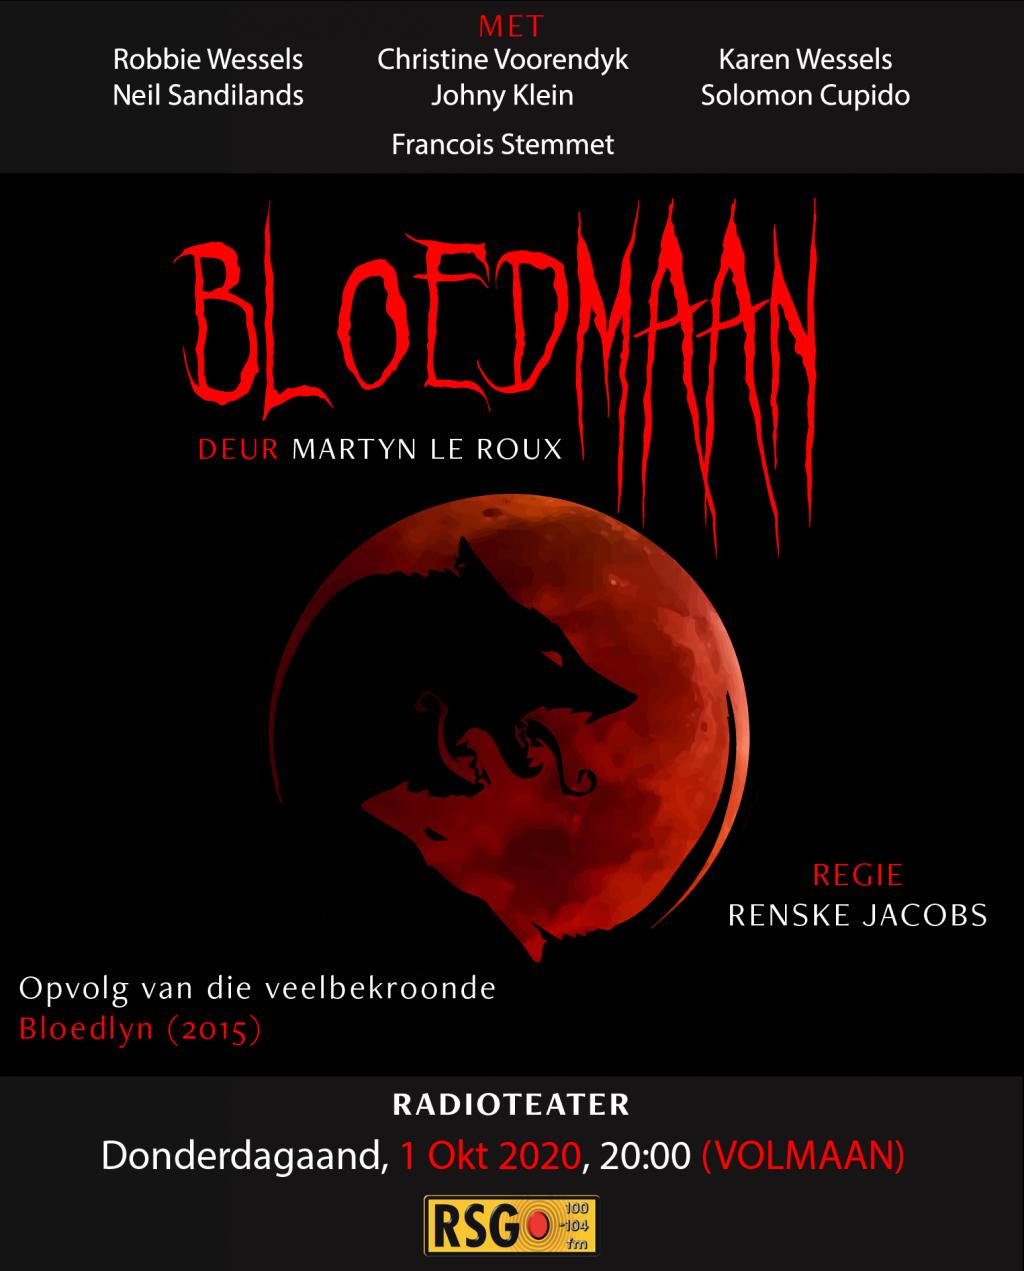 Bloedmaan – weerwolwe, reeksmoorde en volmaan laat jou ril